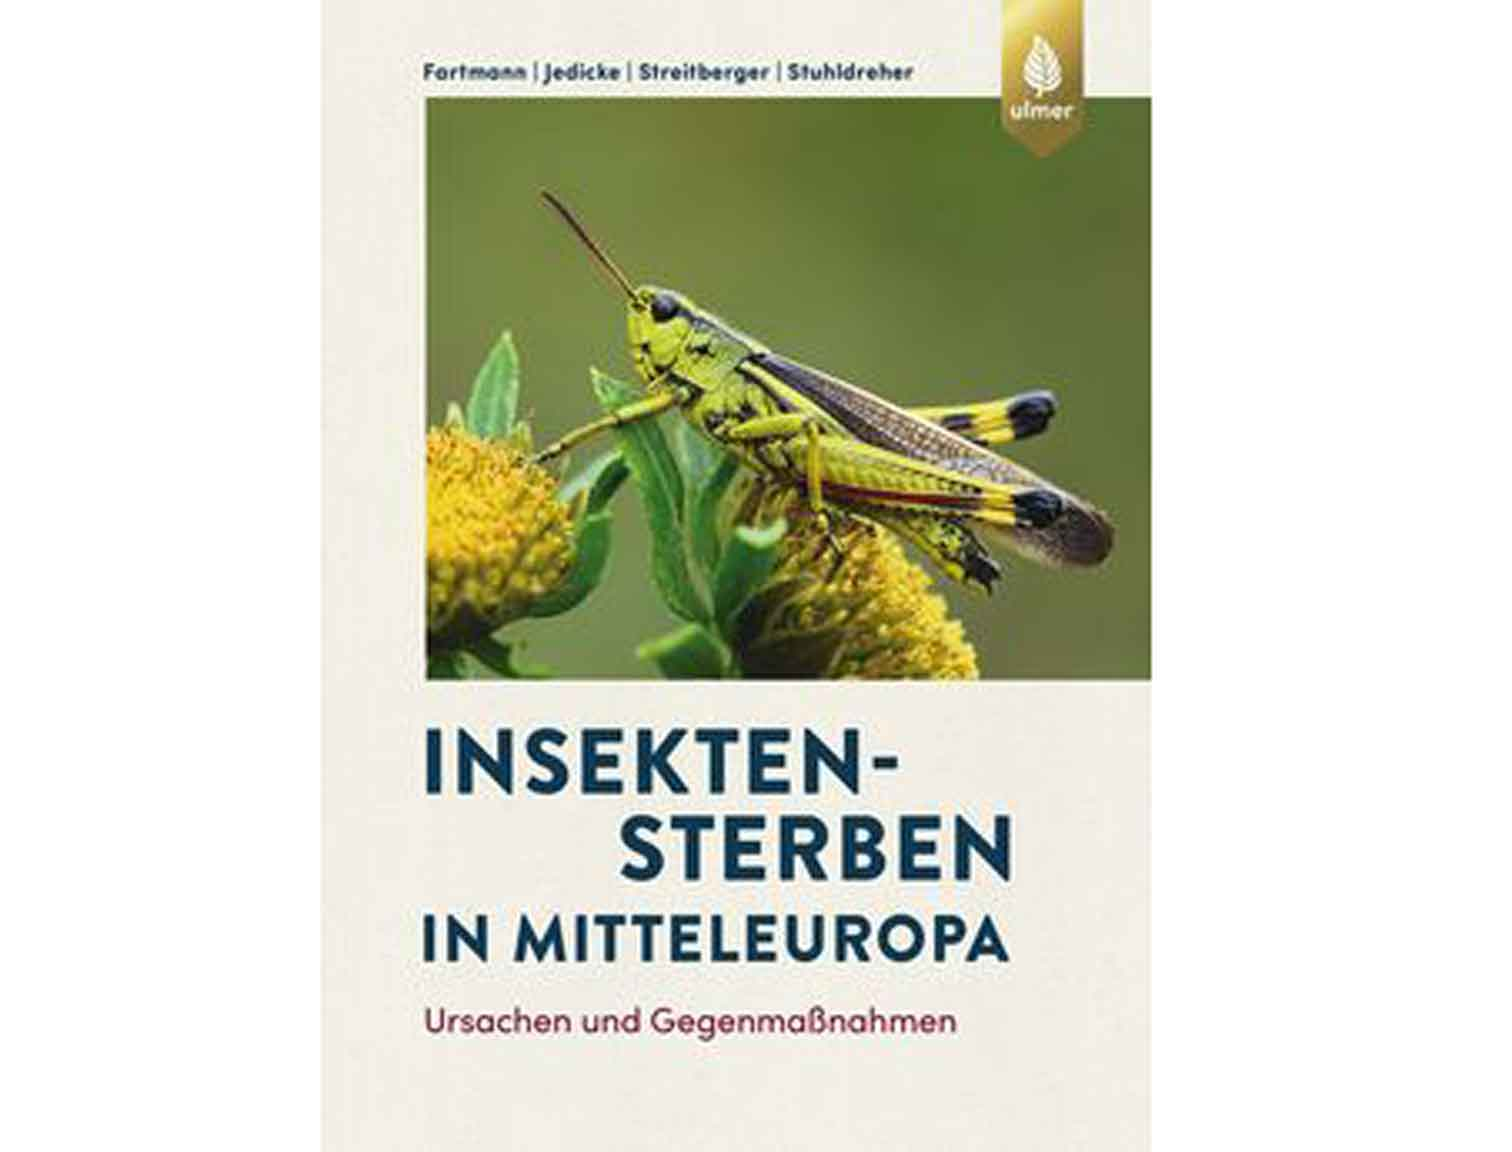 Insektensterben-in-Mitteleuropa